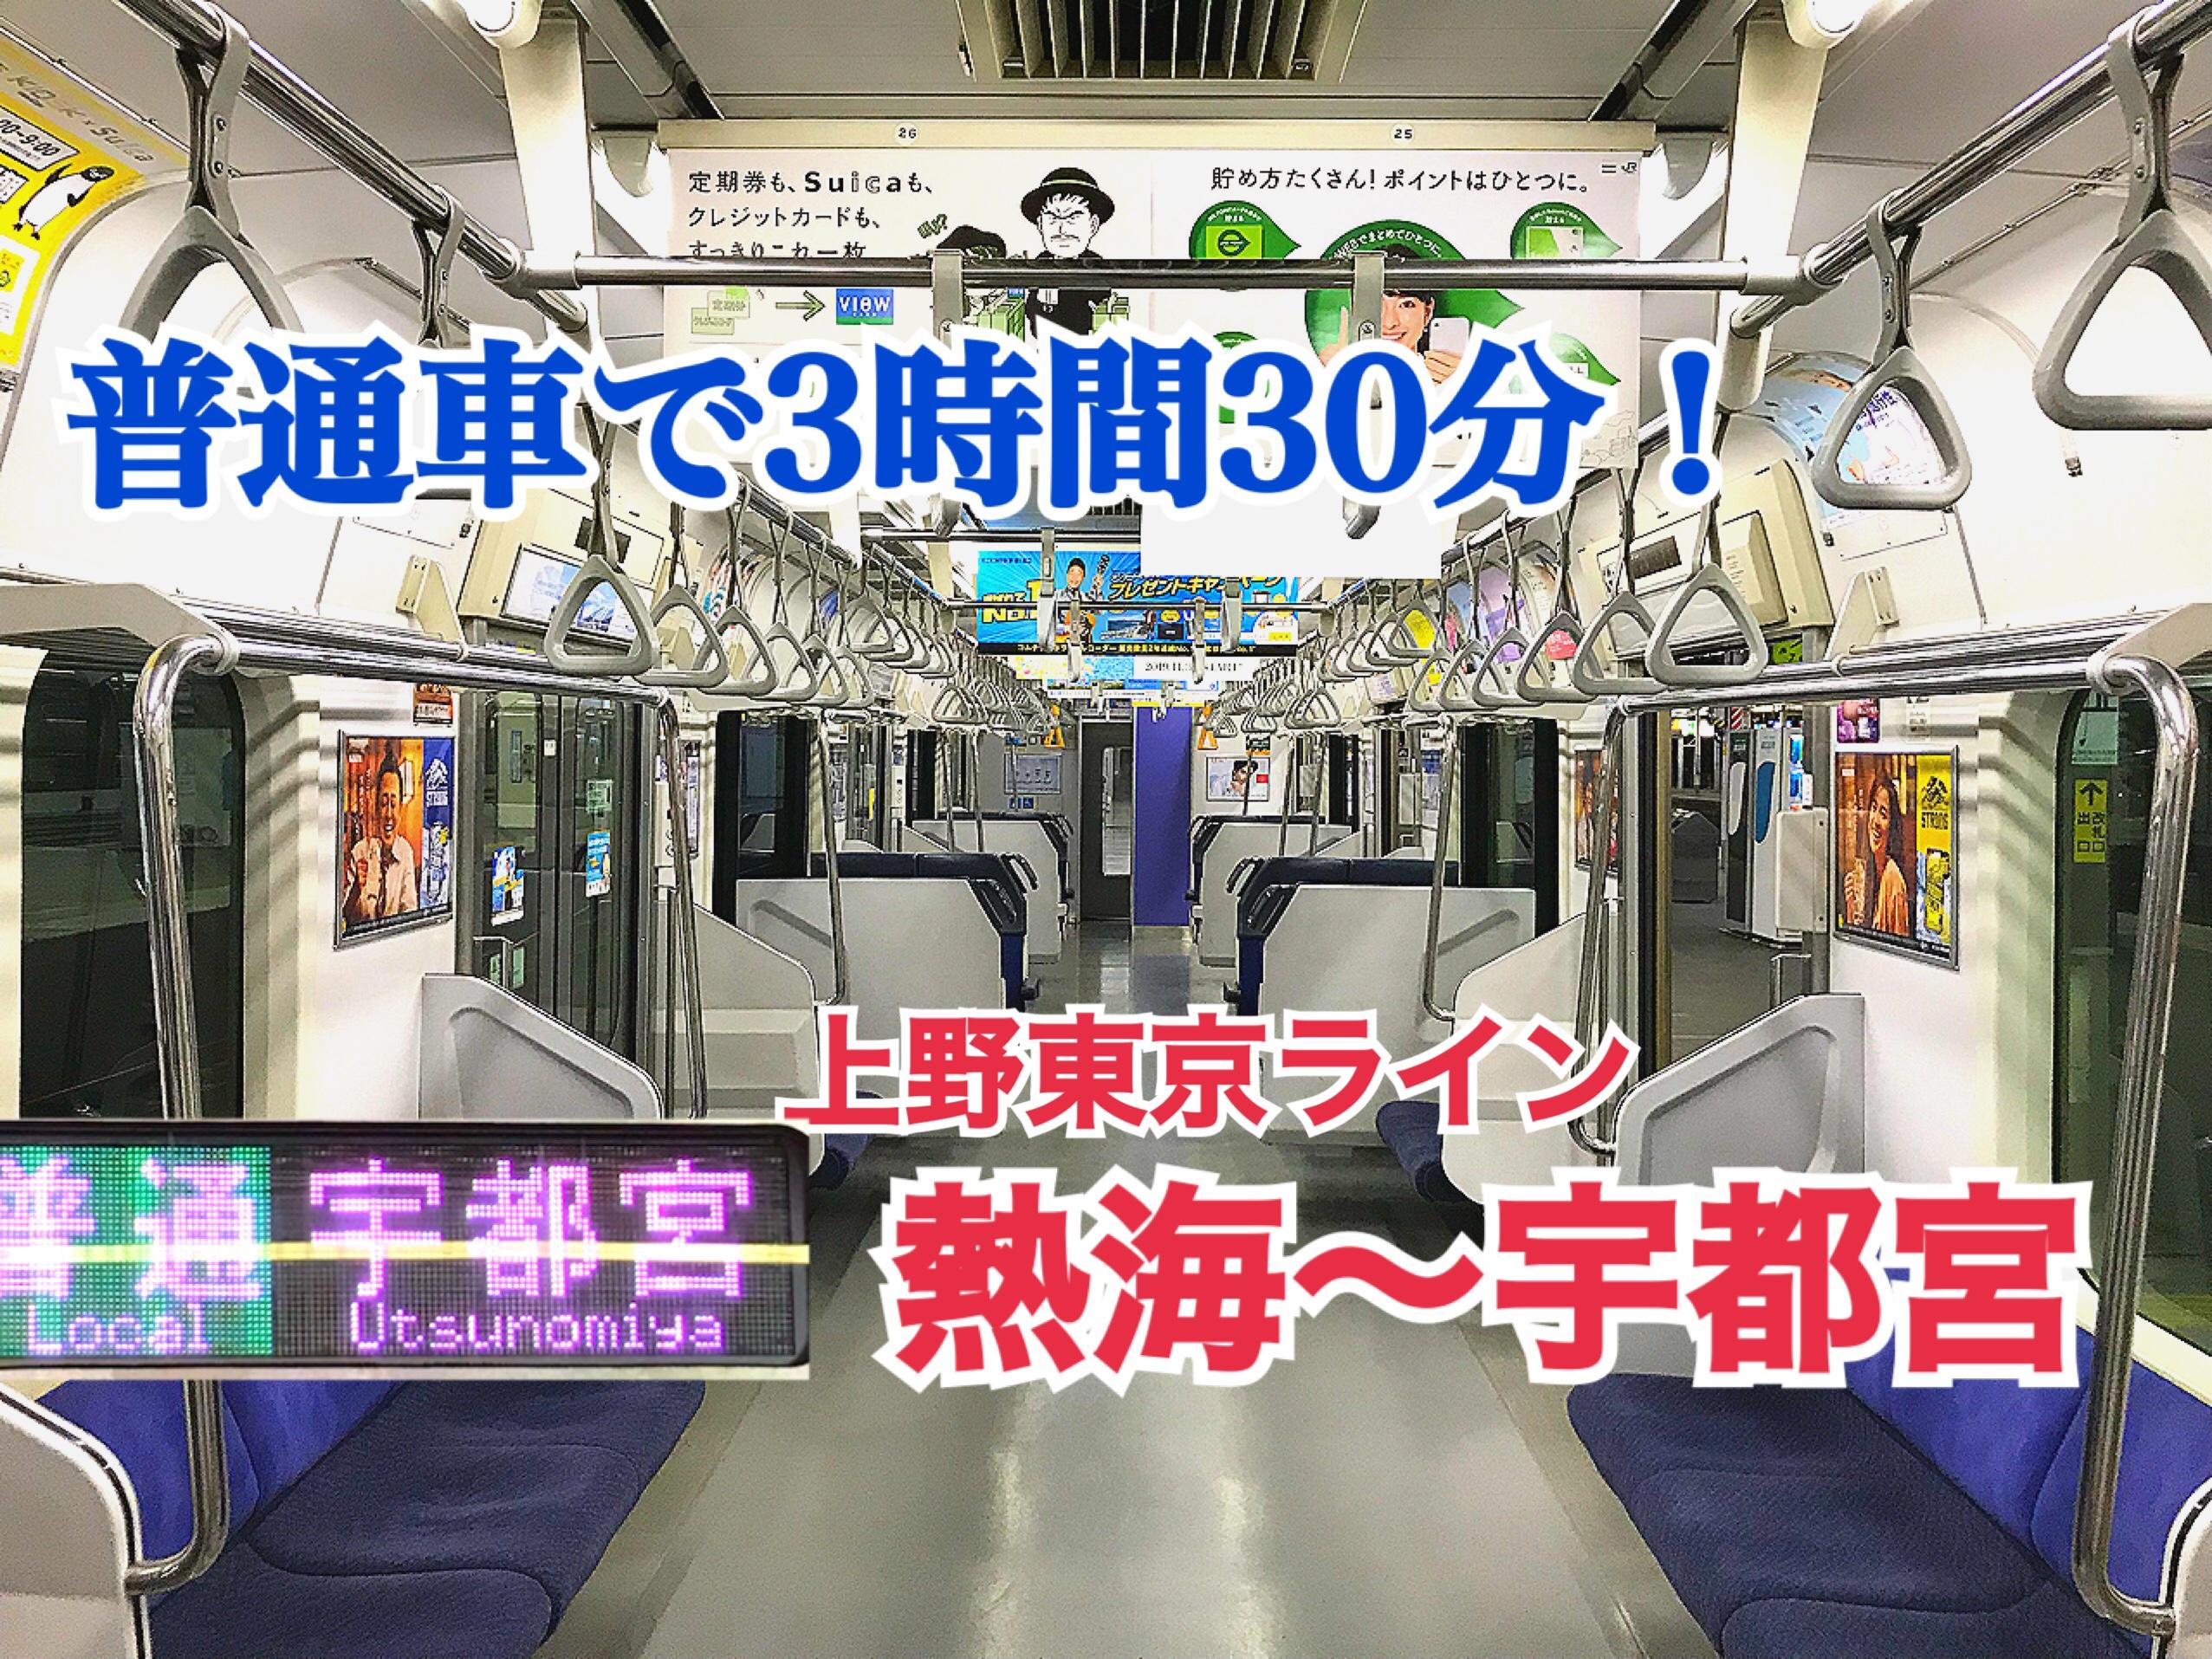 【つらすぎ】上野東京ライン長距離列車、熱海〜宇都宮を普通車で!【関東めぐり栃木編】